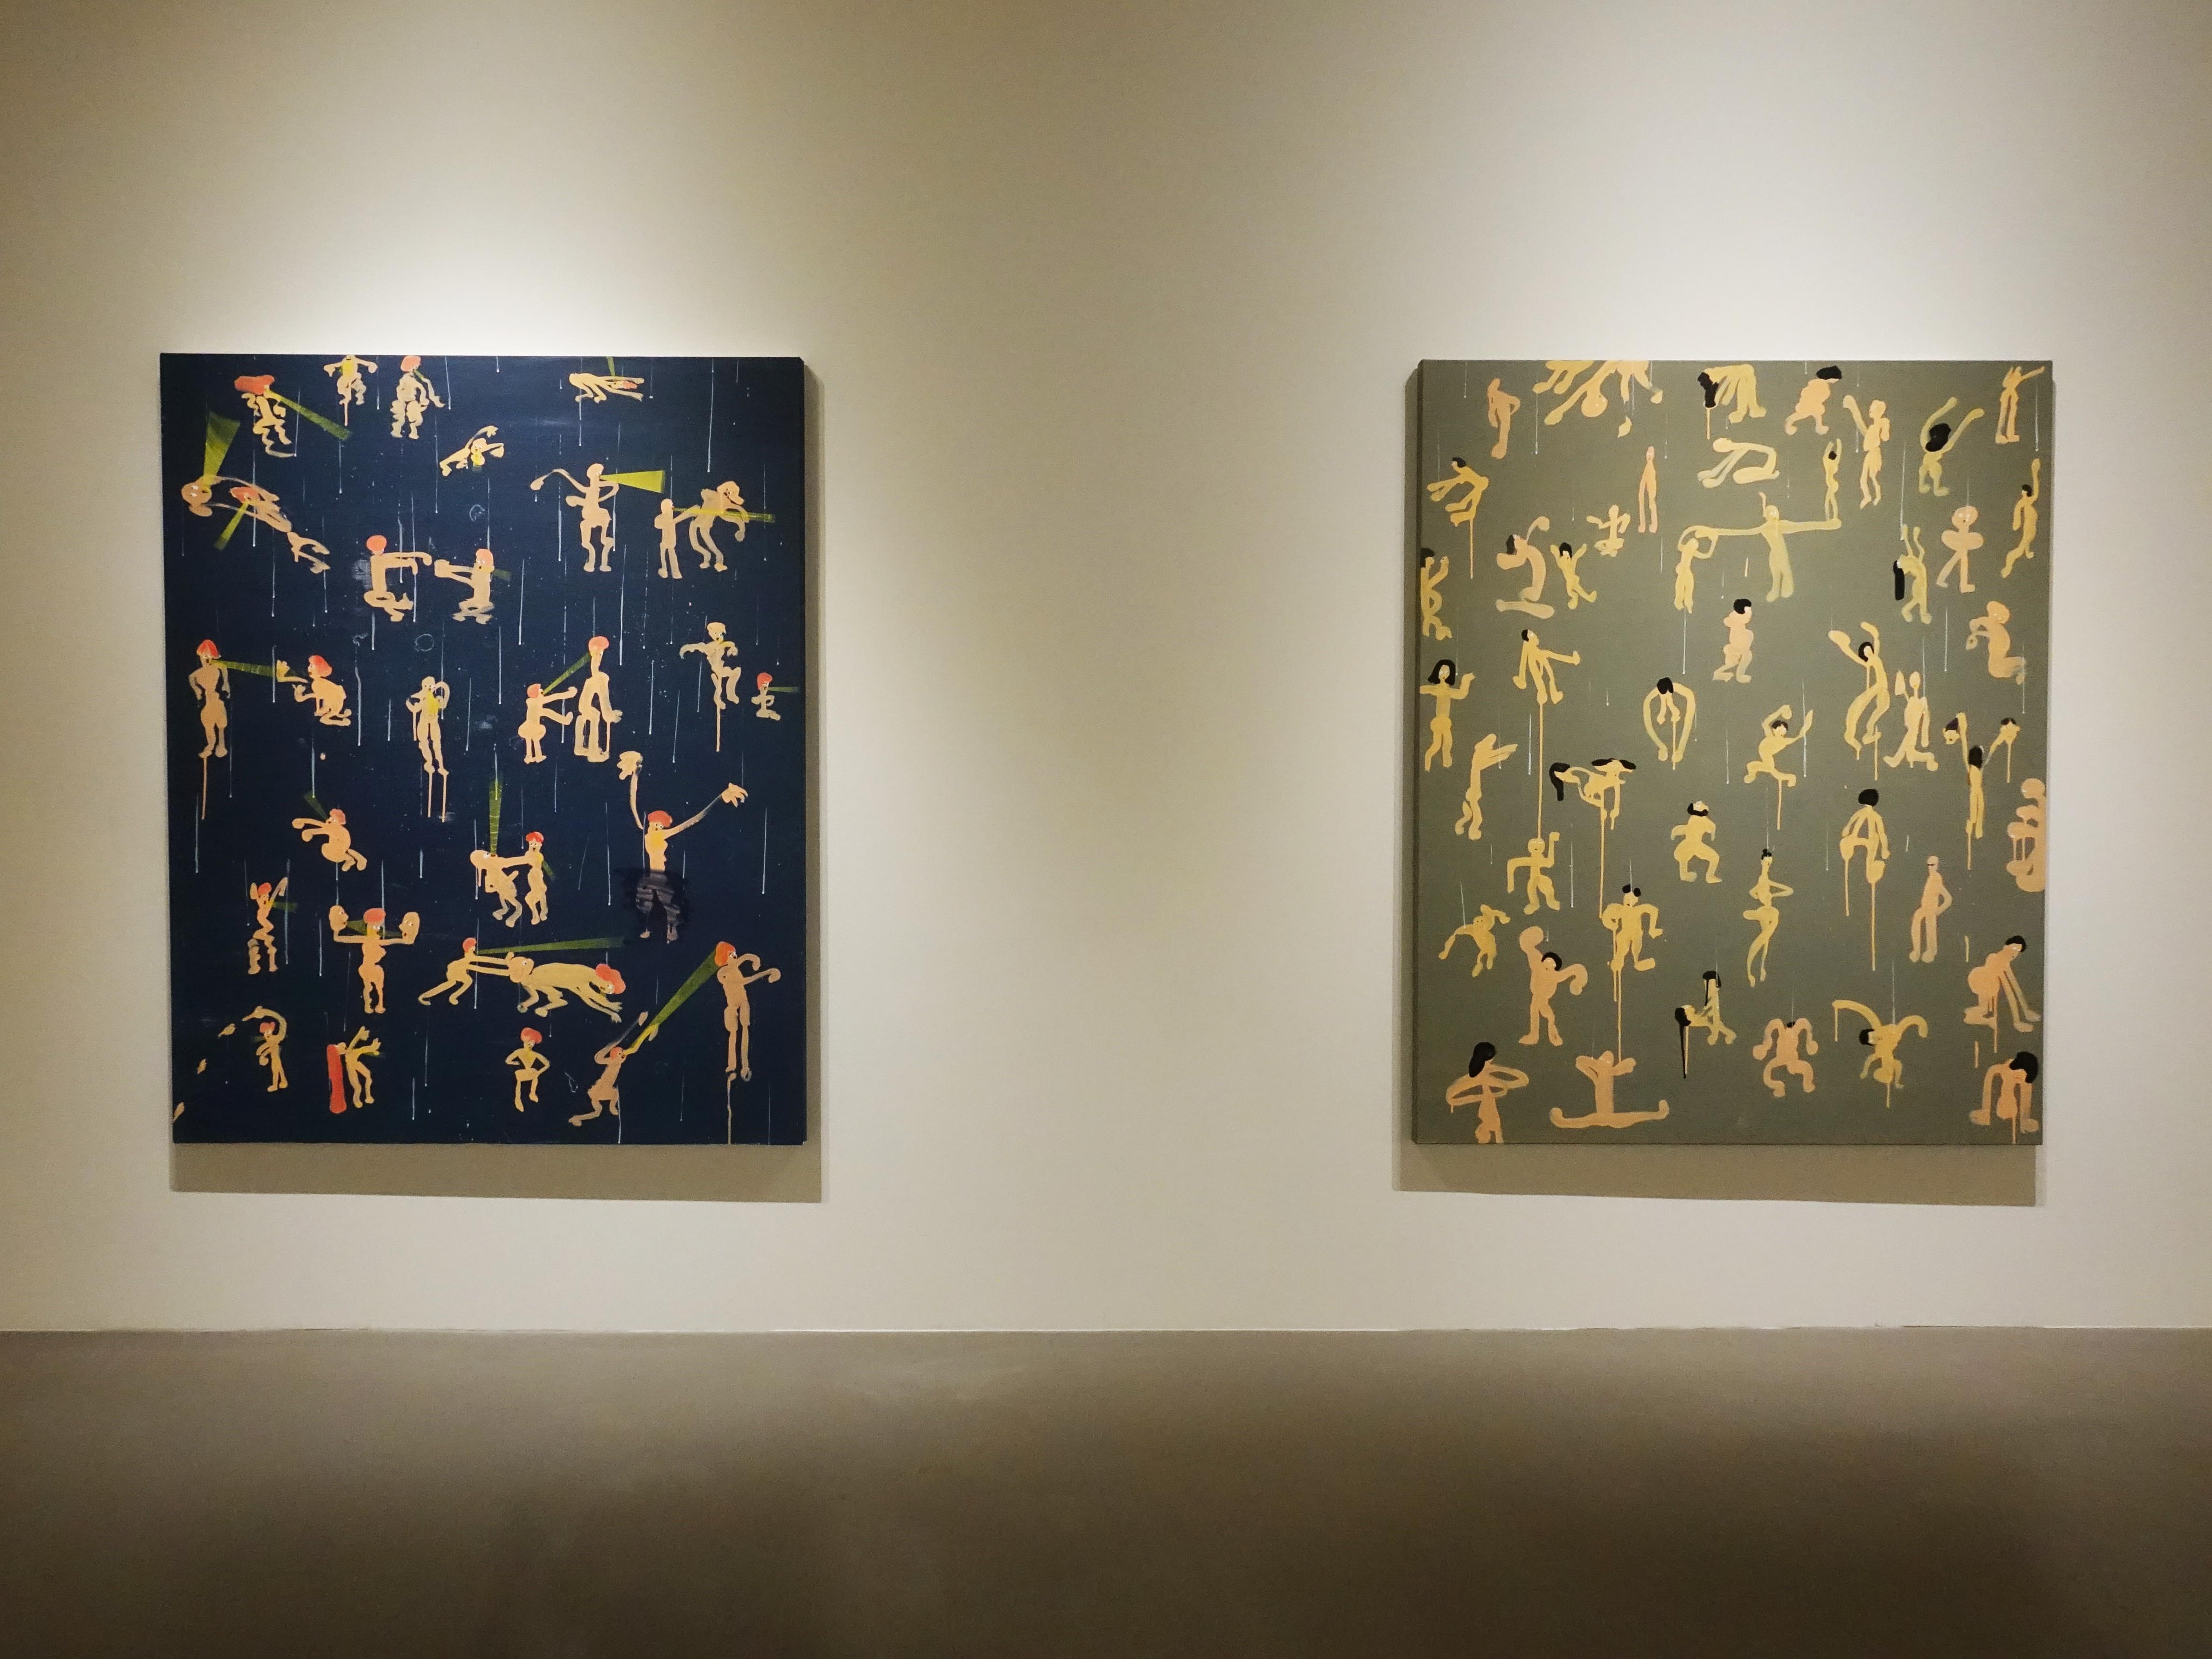 蕭筑方於非畫廊展出創作個展《很危險,請大家不要靠近》。